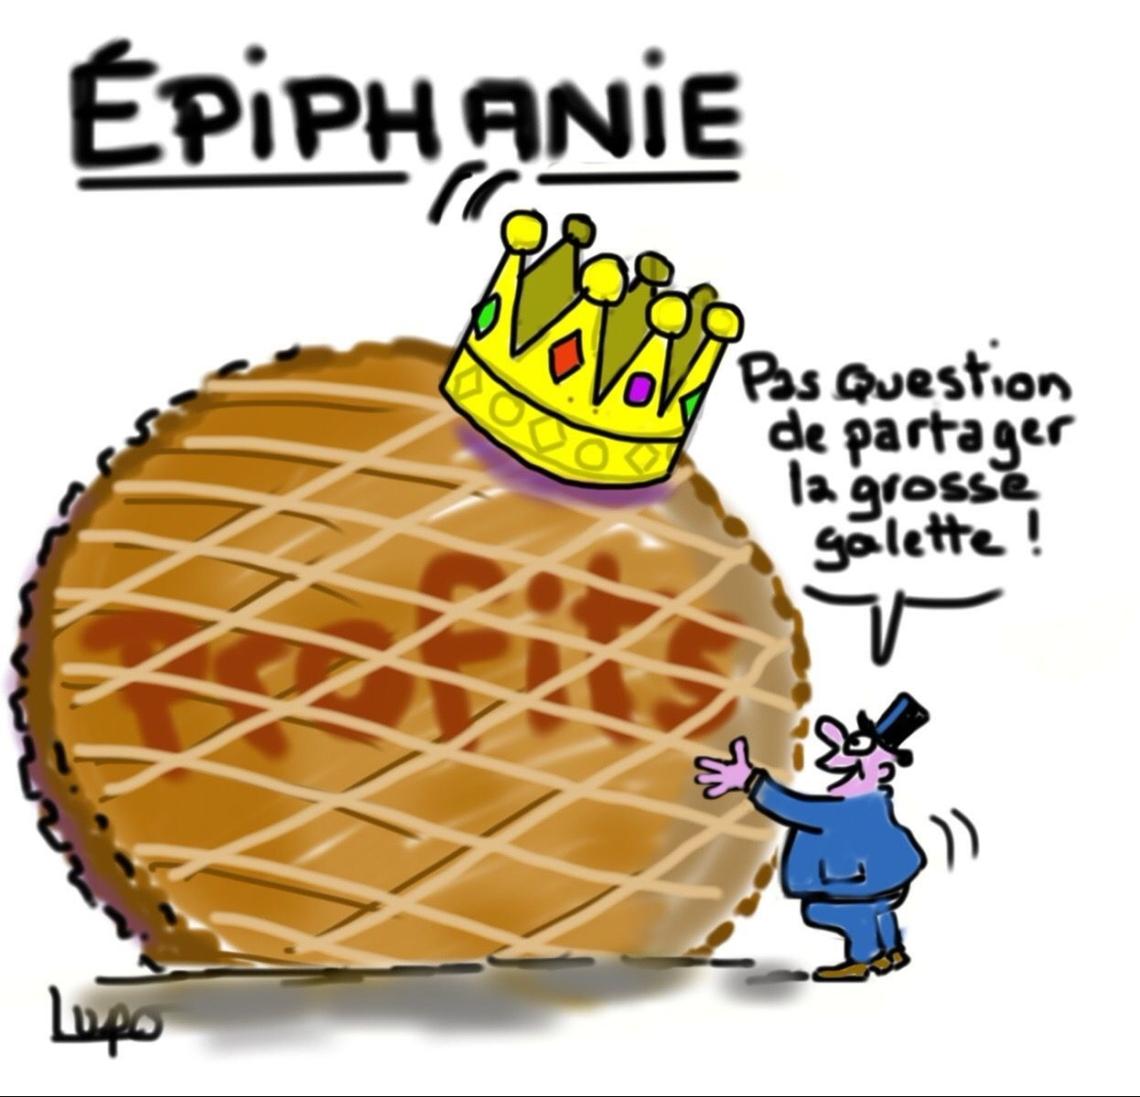 p14-epiphanie-ok-lupo-e1516629684181.jpg